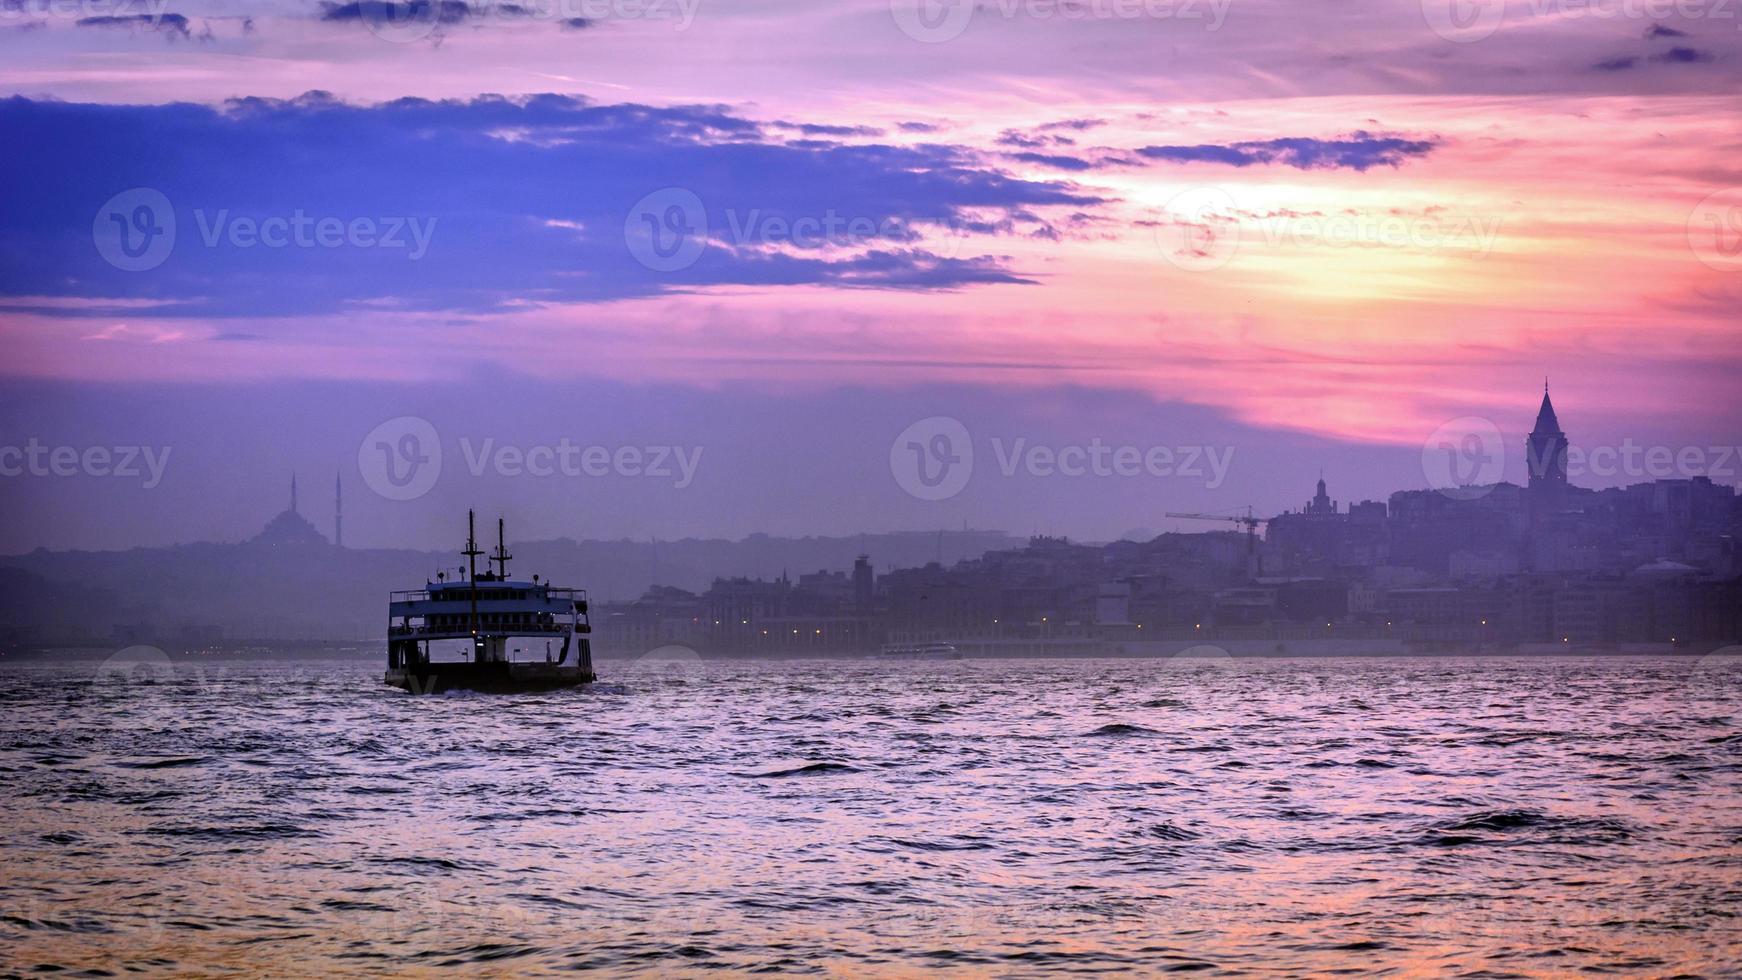 tramonto colorato a istanbul foto